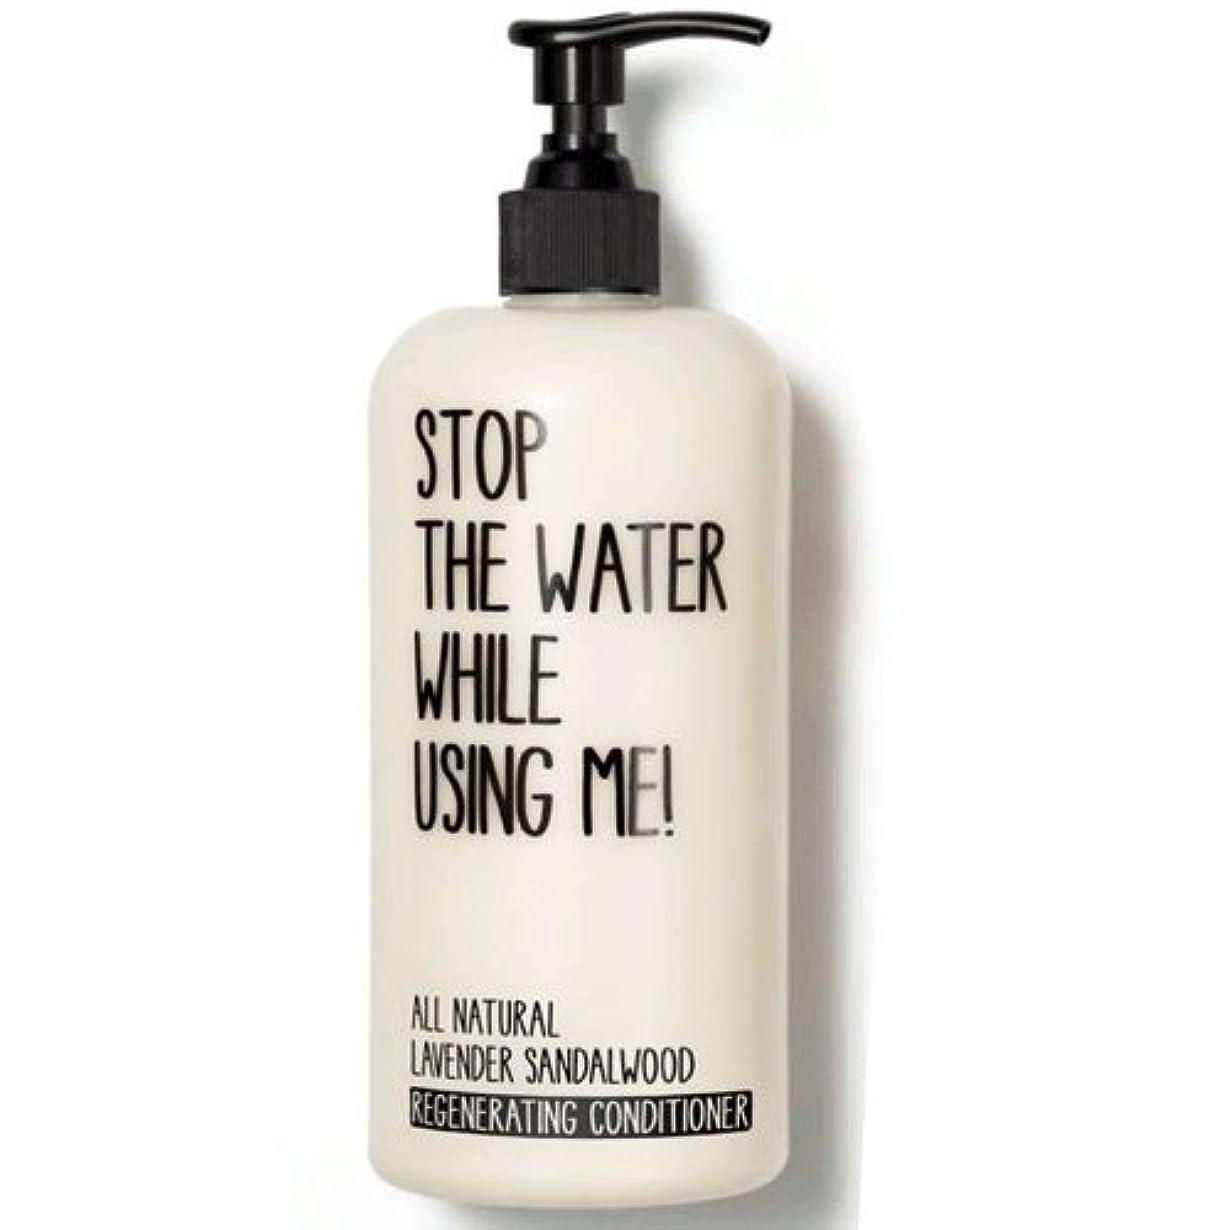 ポルノ月ポルノ【STOP THE WATER WHILE USING ME!】L&Sコンディショナー (ラベンダー&サンダルウッド) 500ml [並行輸入品]